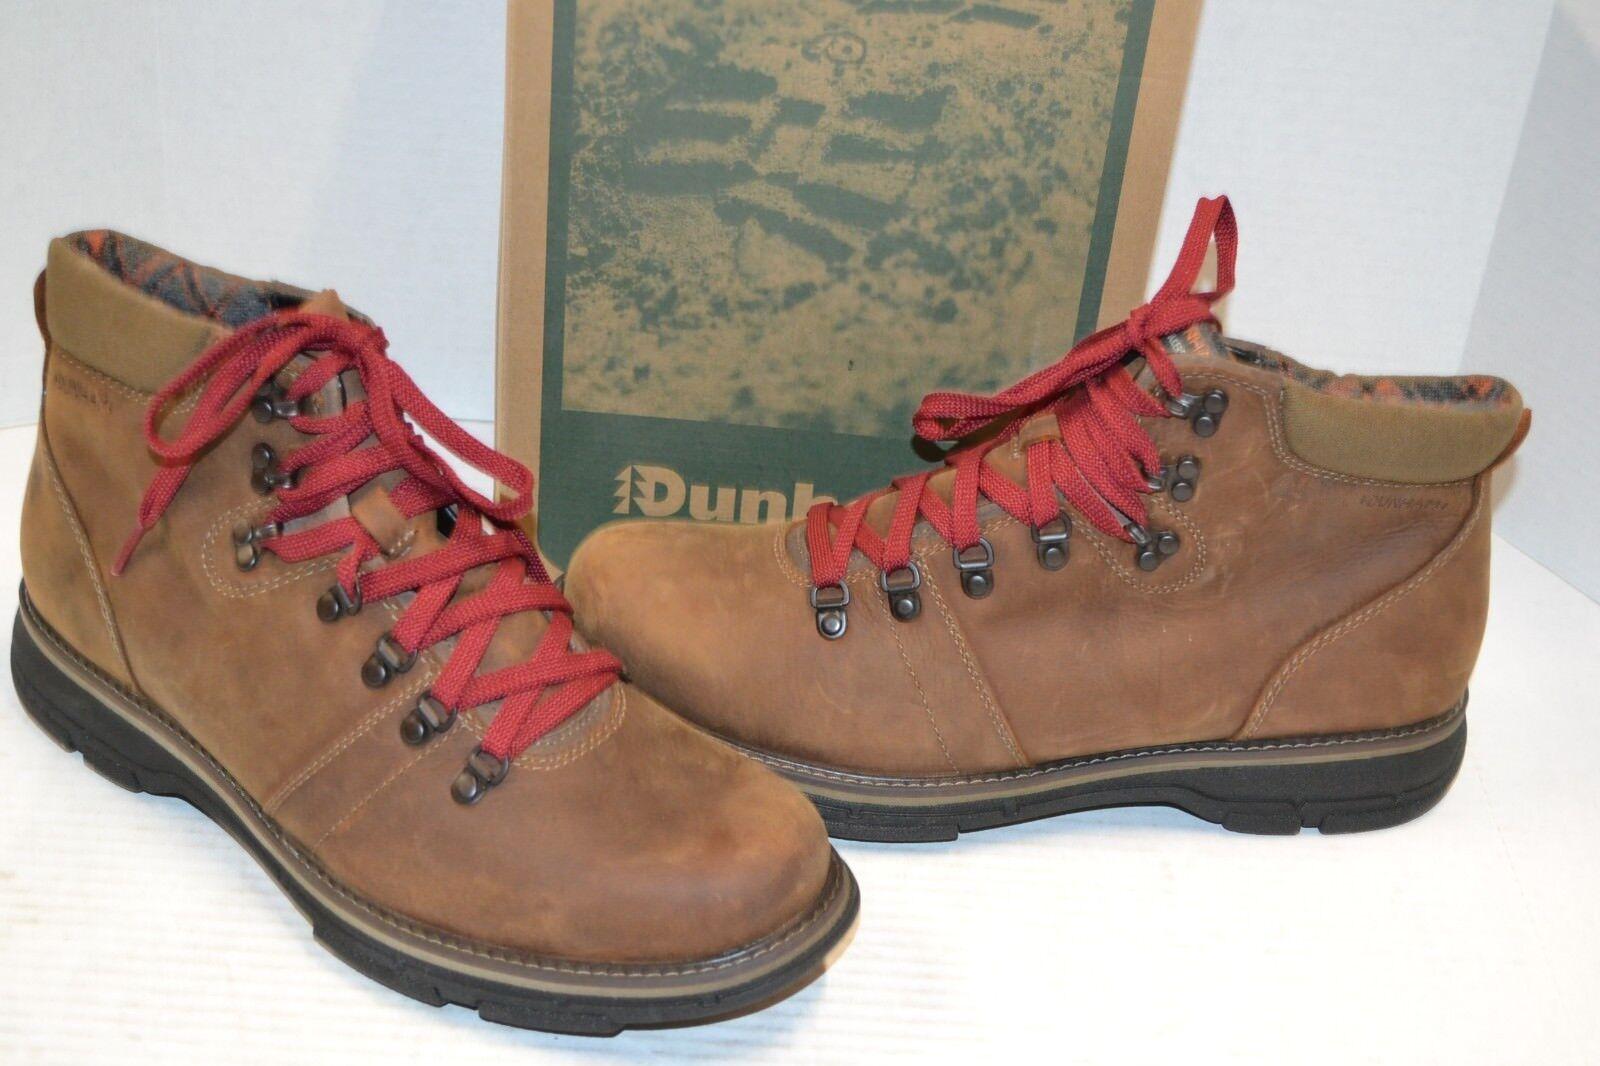 Dunham Hombre Cuero Marrón botas Para Excursionismo A Prueba De Agua RONALD Zapato 11.5 D Trail